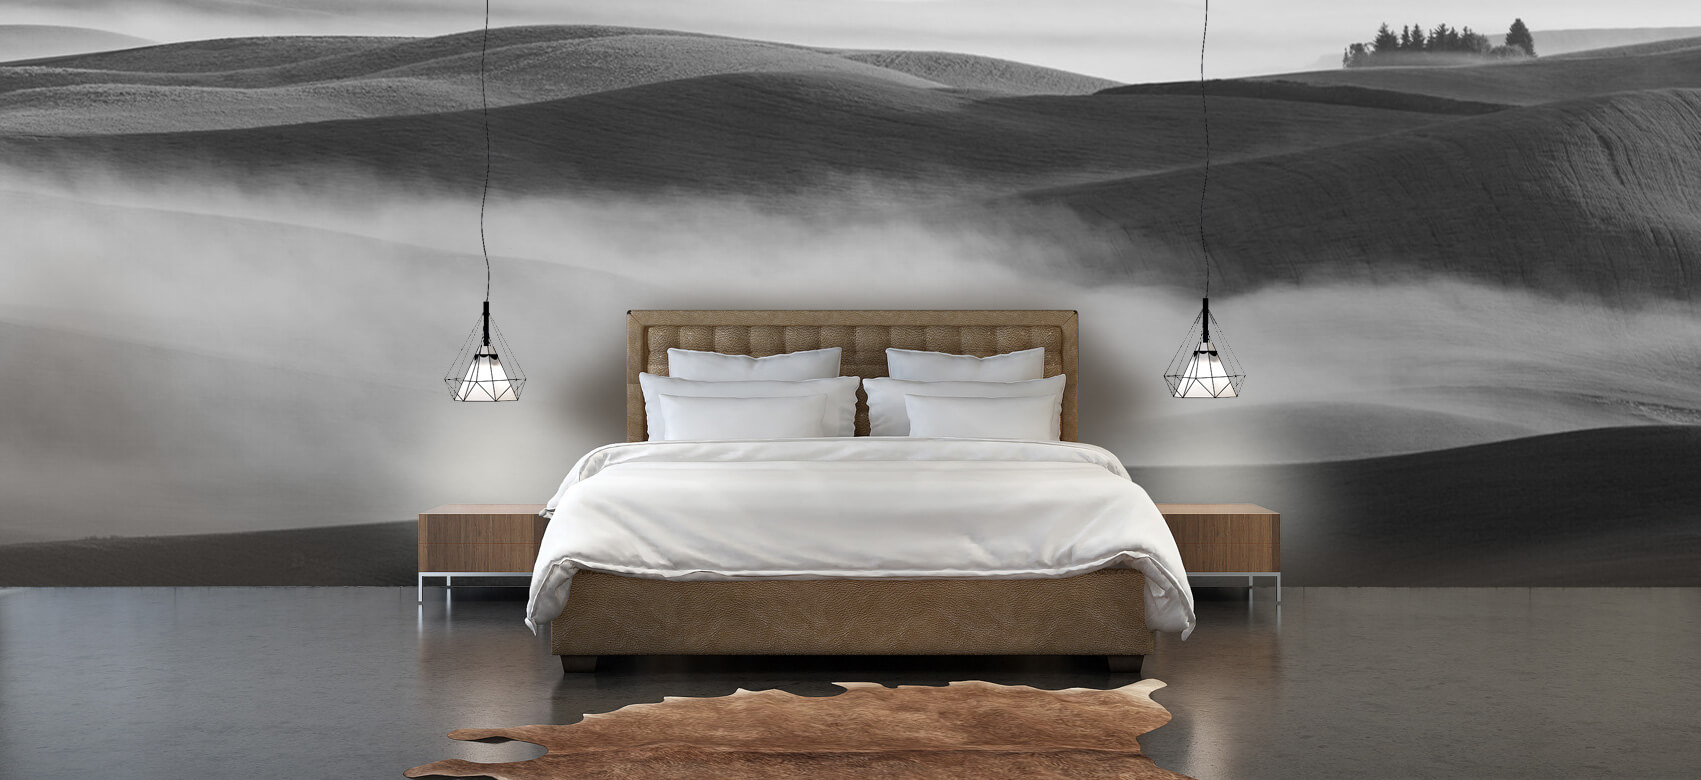 Dream Land in Morning Mist 4